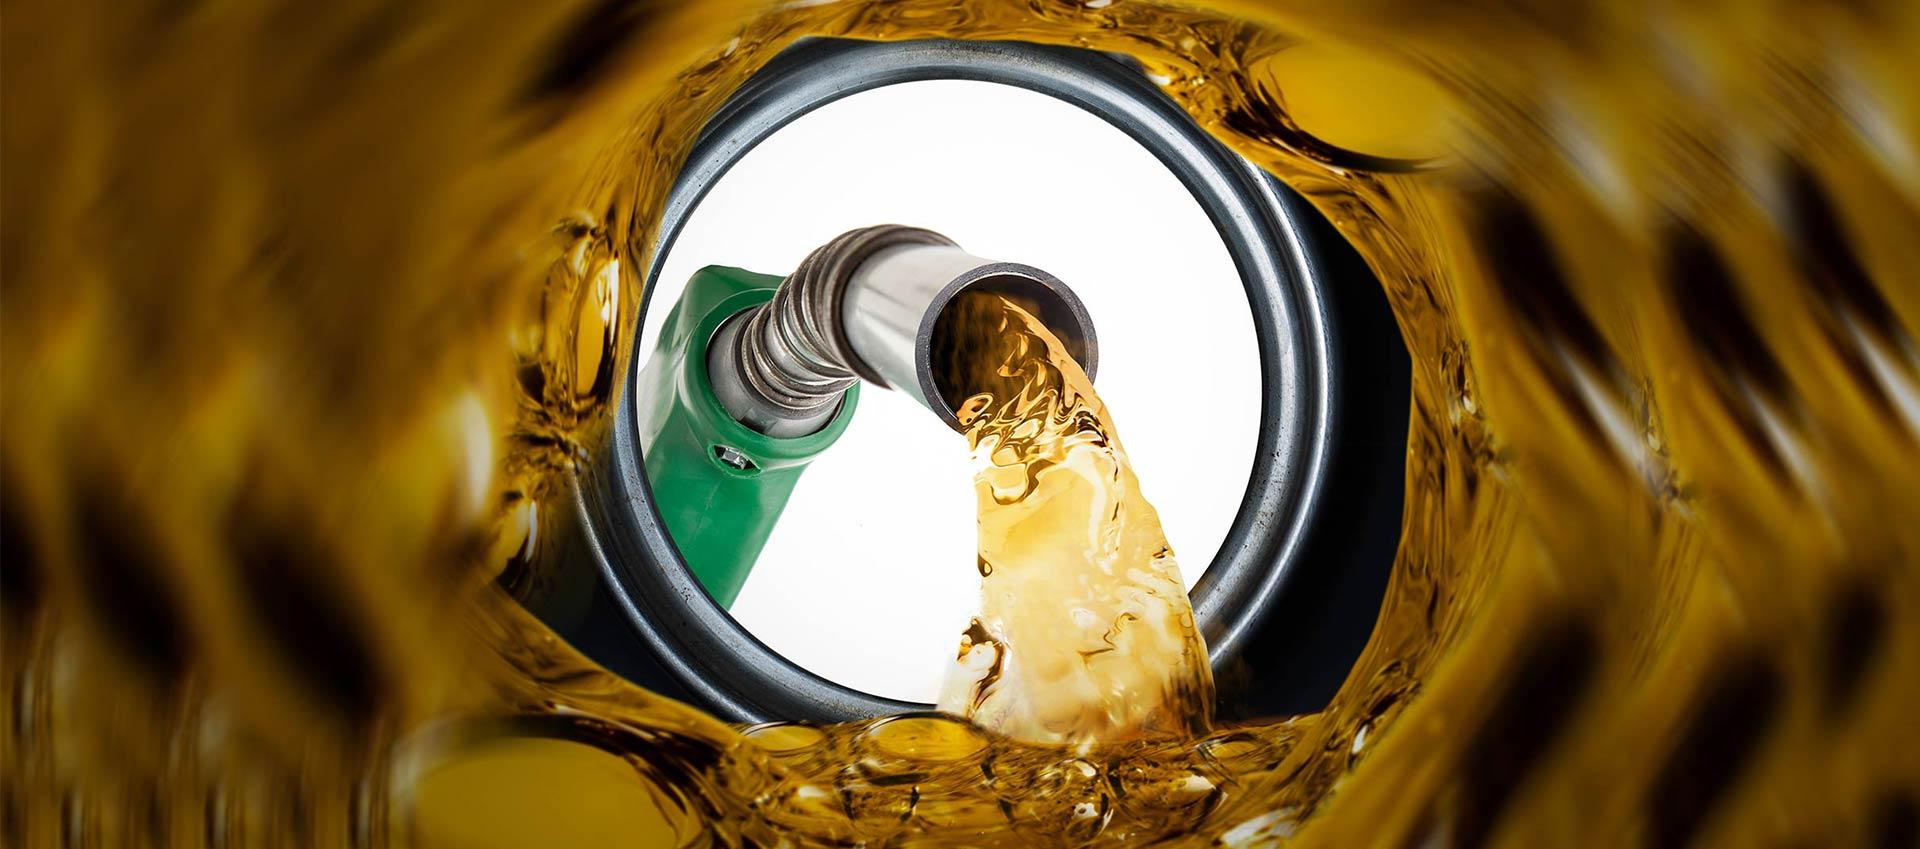 zbiorniki paliwa świętokrzyskie